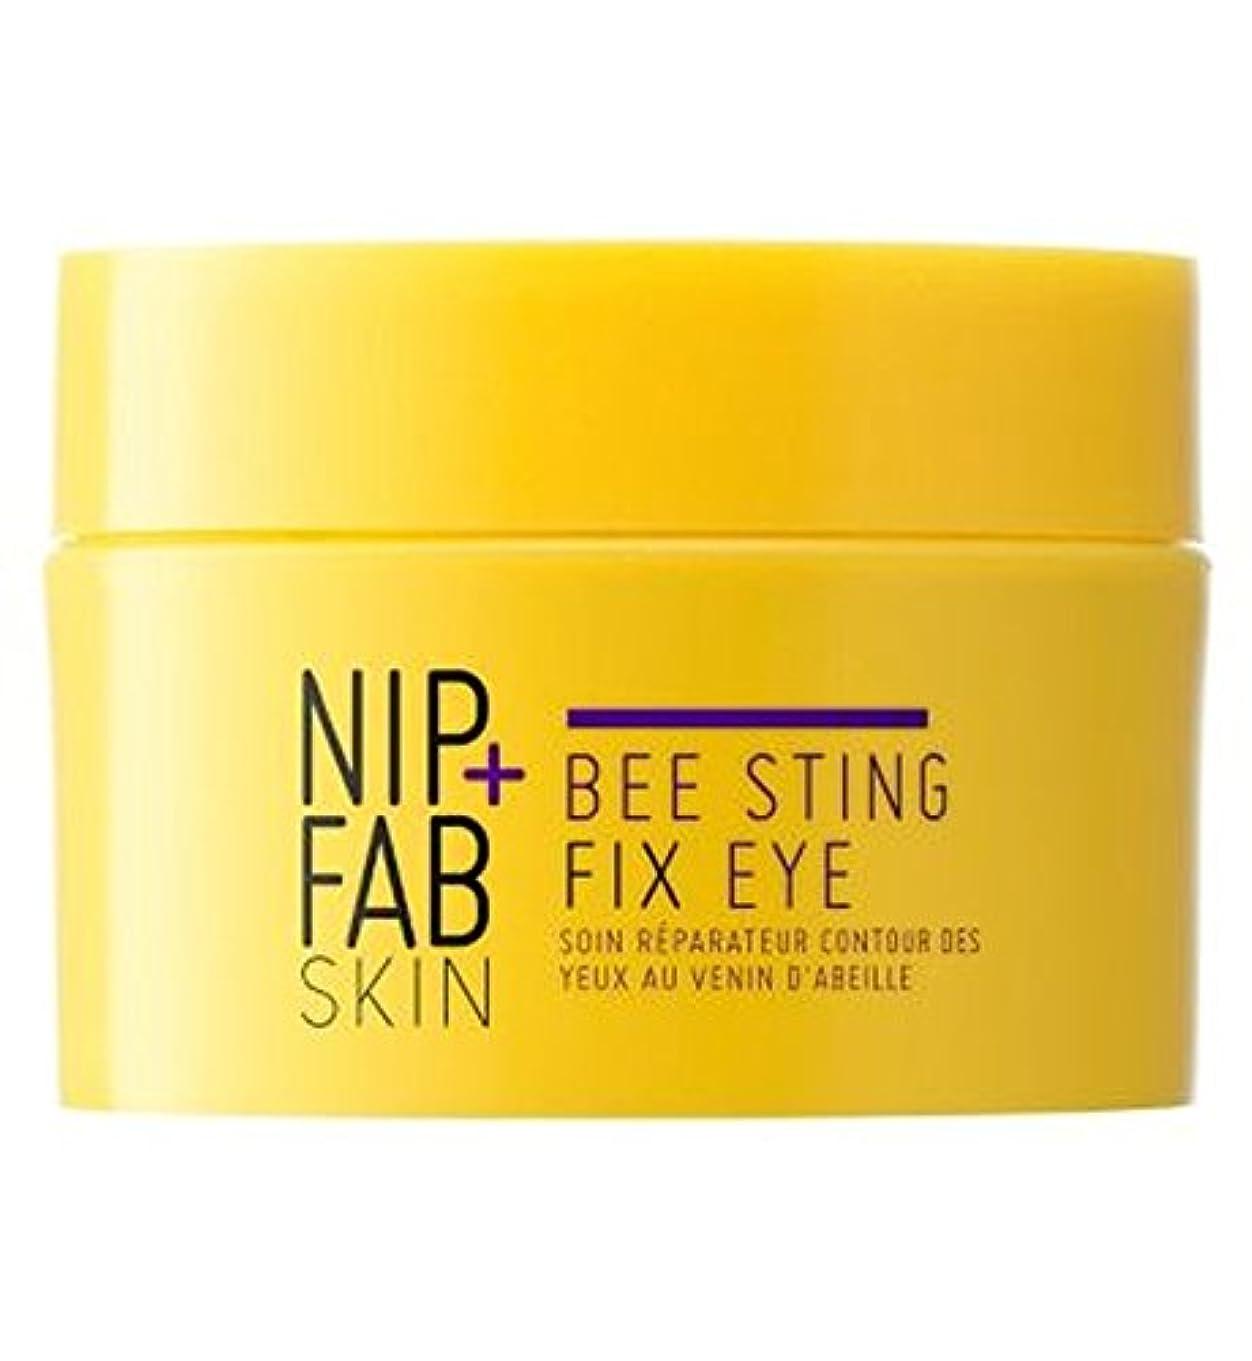 シロクマ九立場Nip+Fab Bee Sting Fix Eye Night - +ファブハチ刺されフィックス目の夜ニップ (Nip & Fab) [並行輸入品]